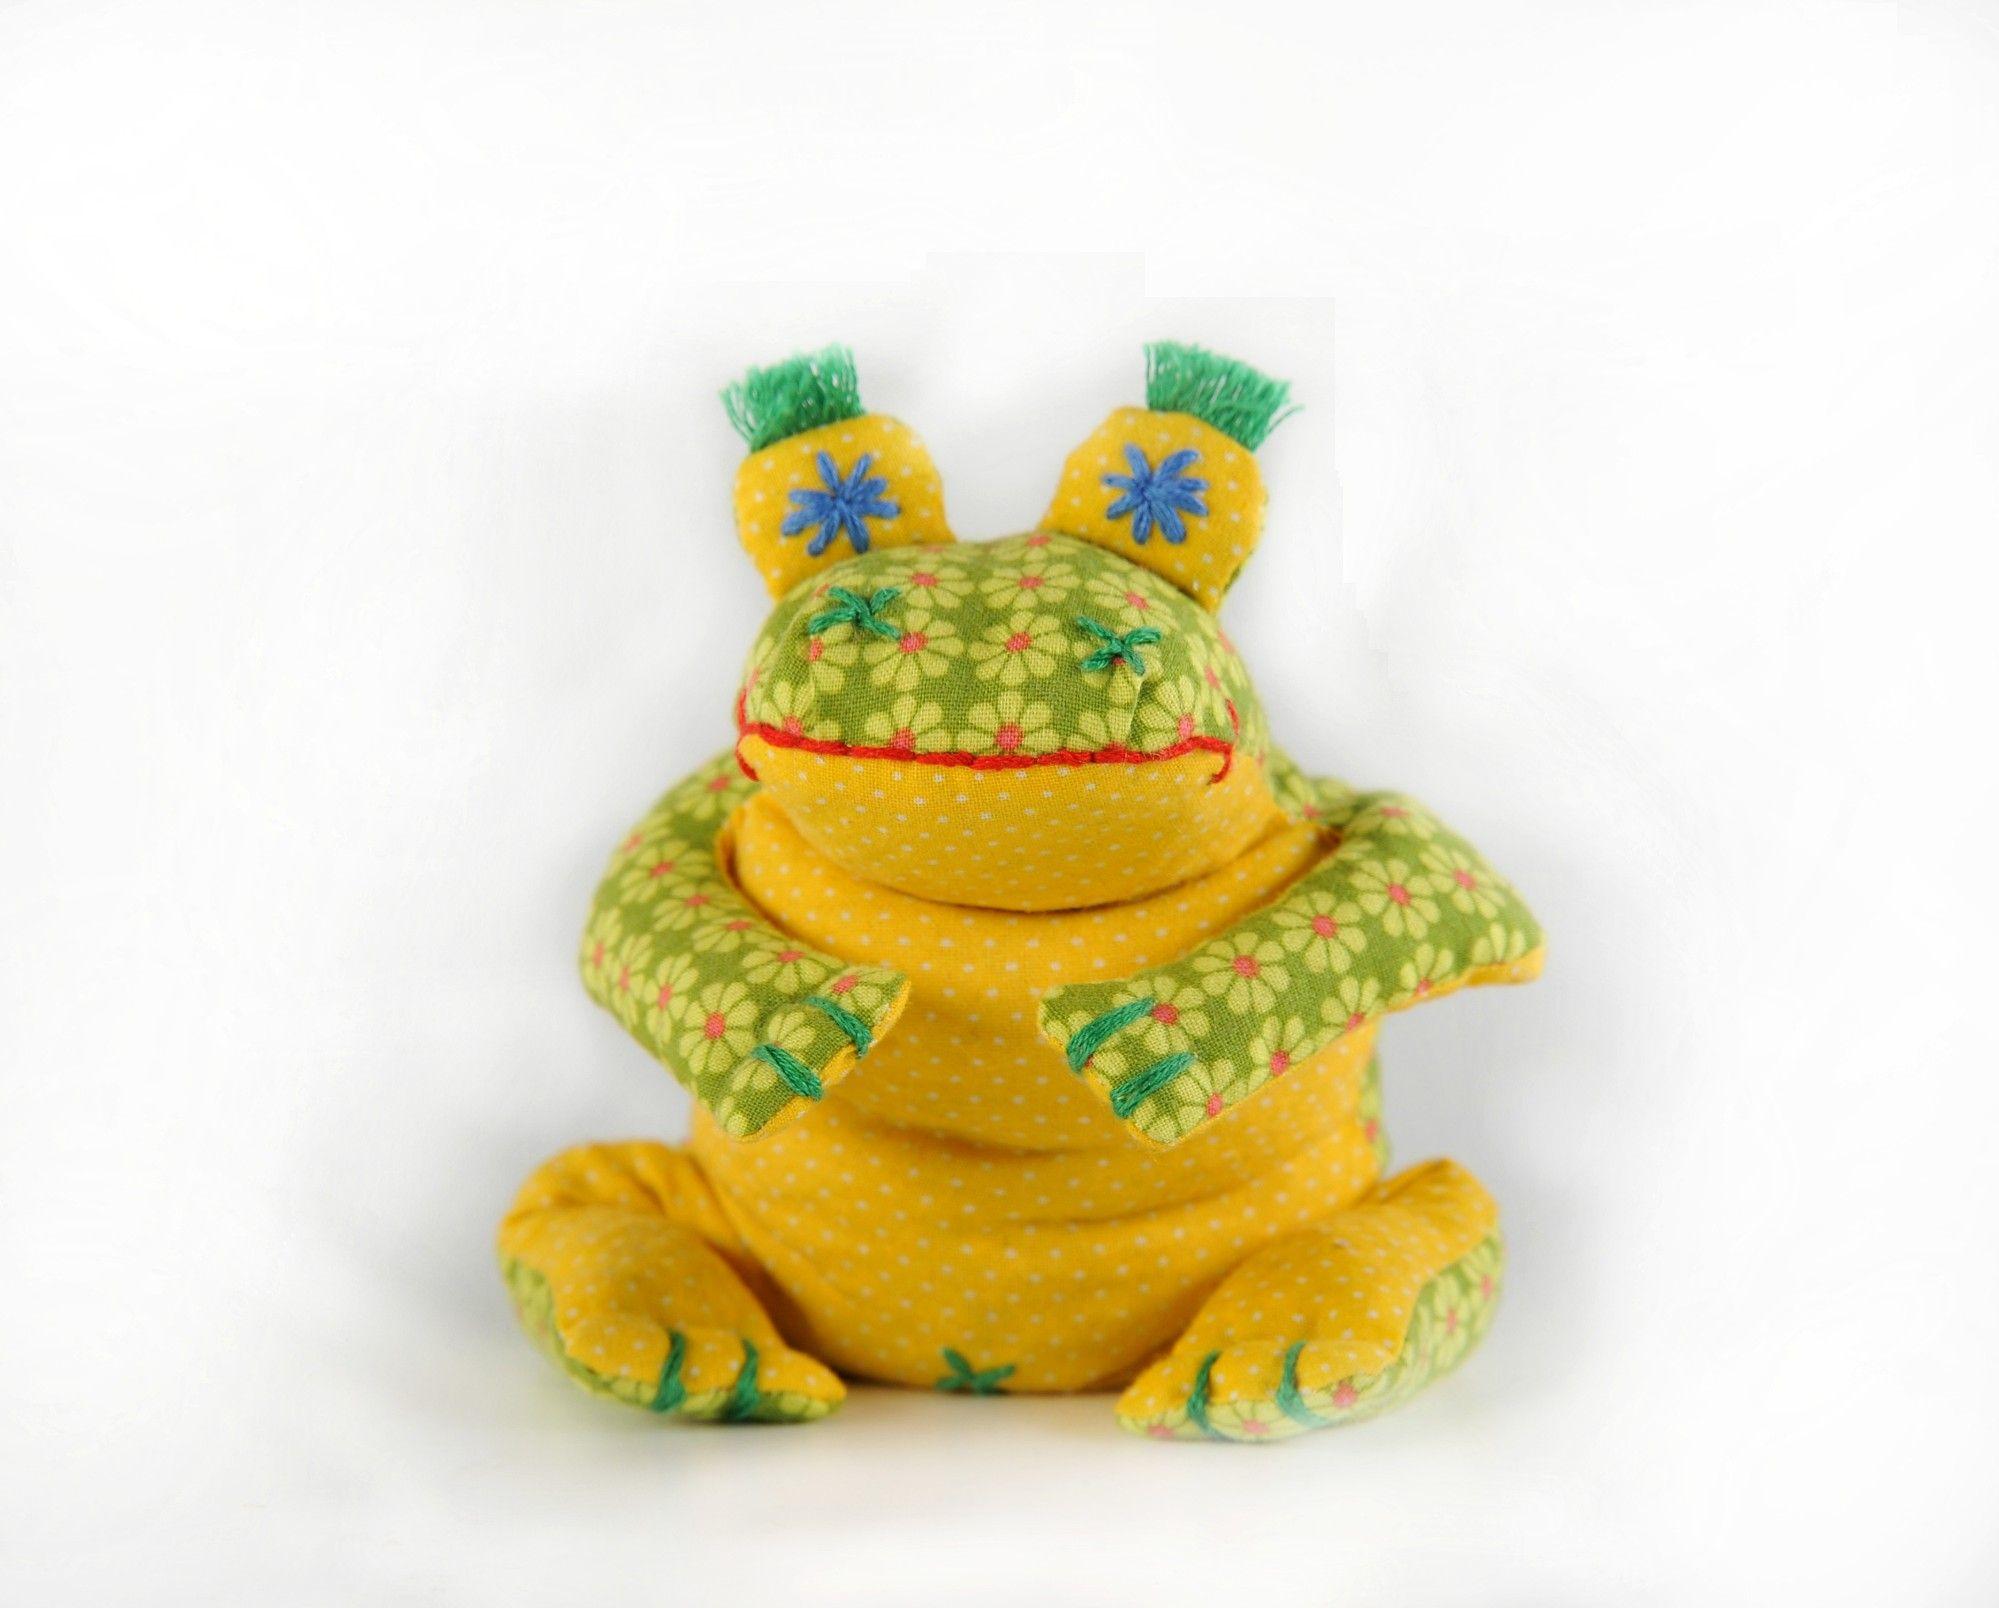 П-114 Набор для изготовления текстильной игрушки 'Лягушонок Ква', 18 см, 'Перловка'